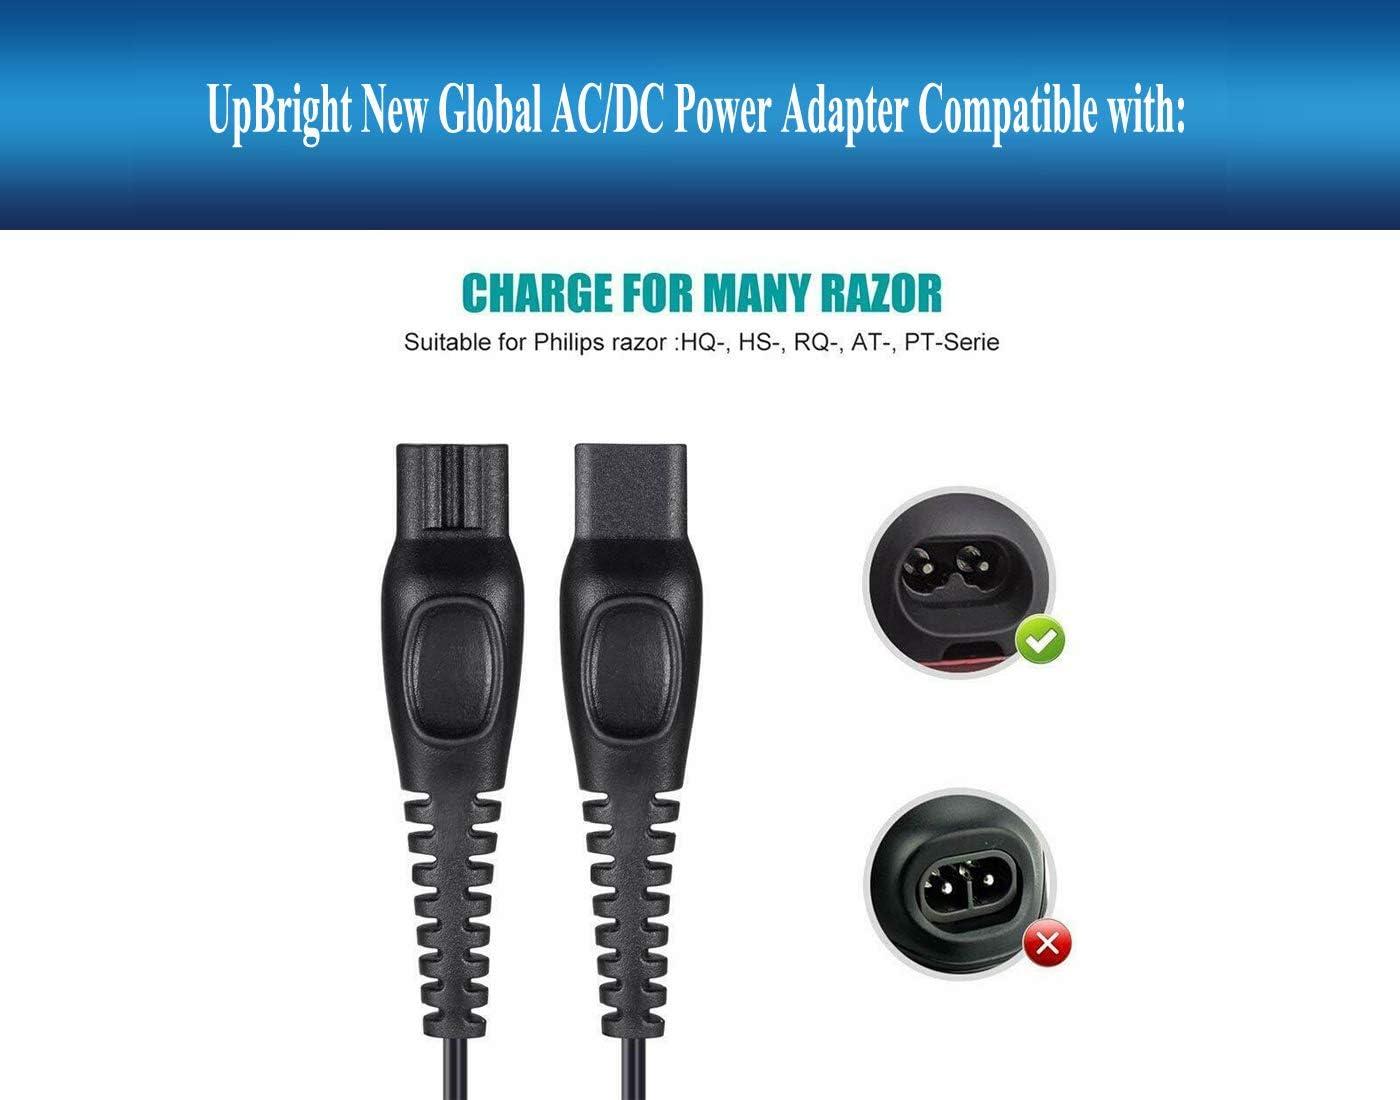 UpBright QP6510 QP6520 HQ8505 HQ8500 HQ6885 QP2530 QP2630 HQ850 ...